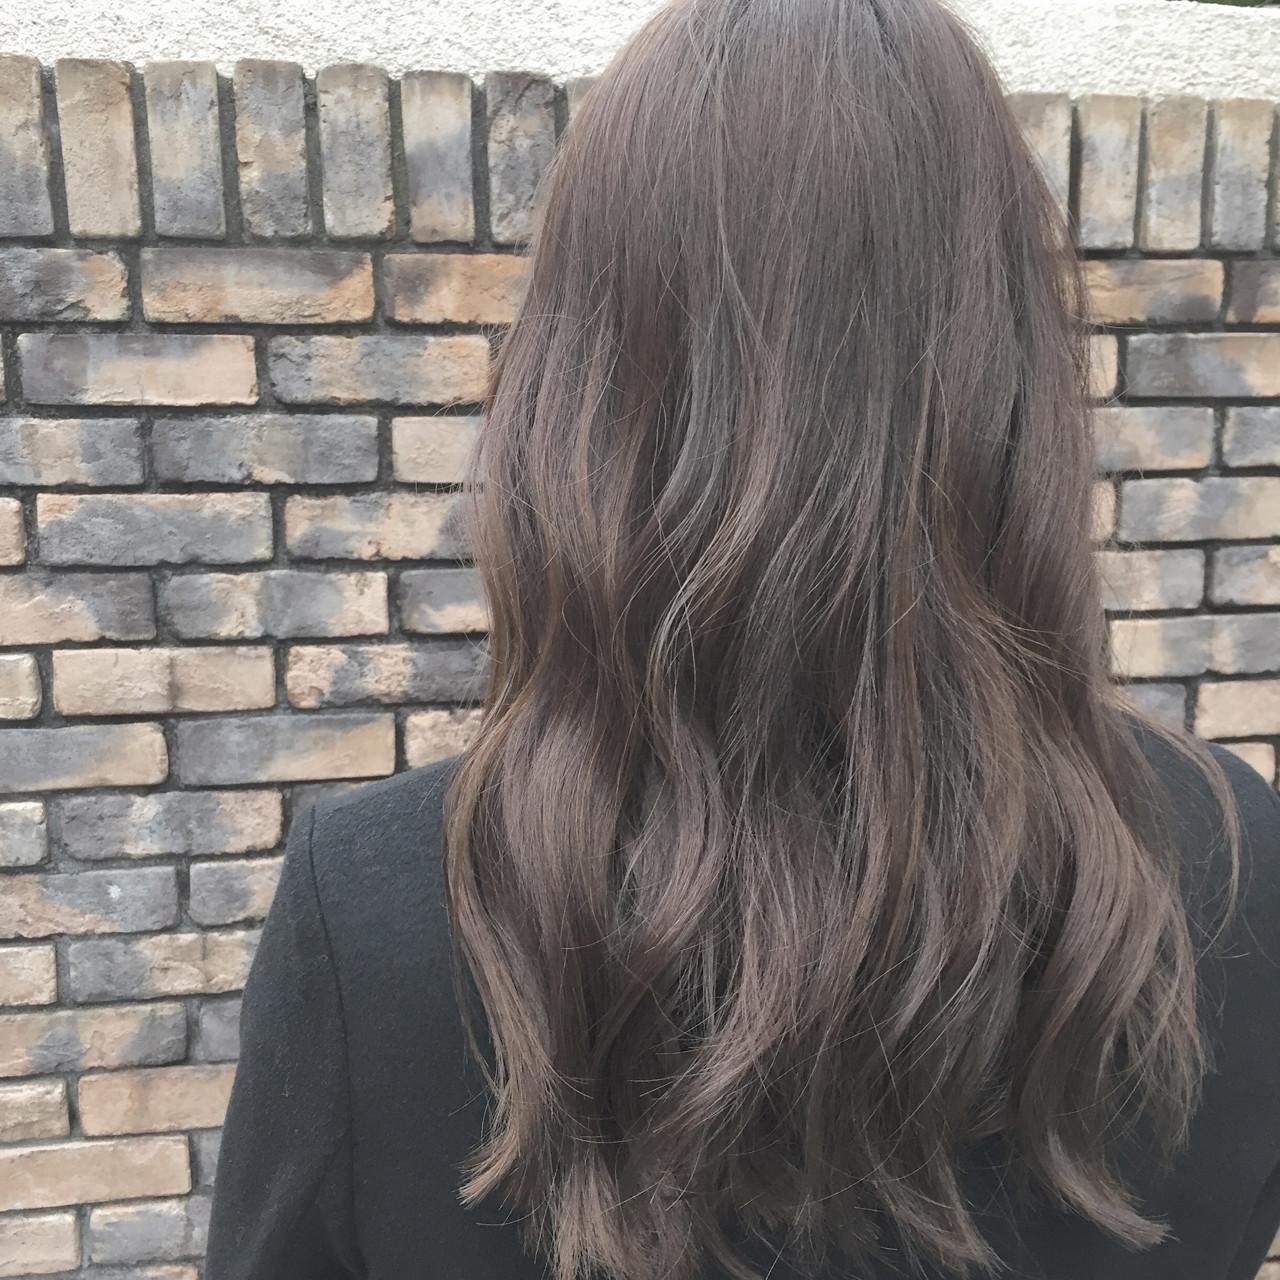 ナチュラル セミロング ミルクティー ハイトーンヘアスタイルや髪型の写真・画像